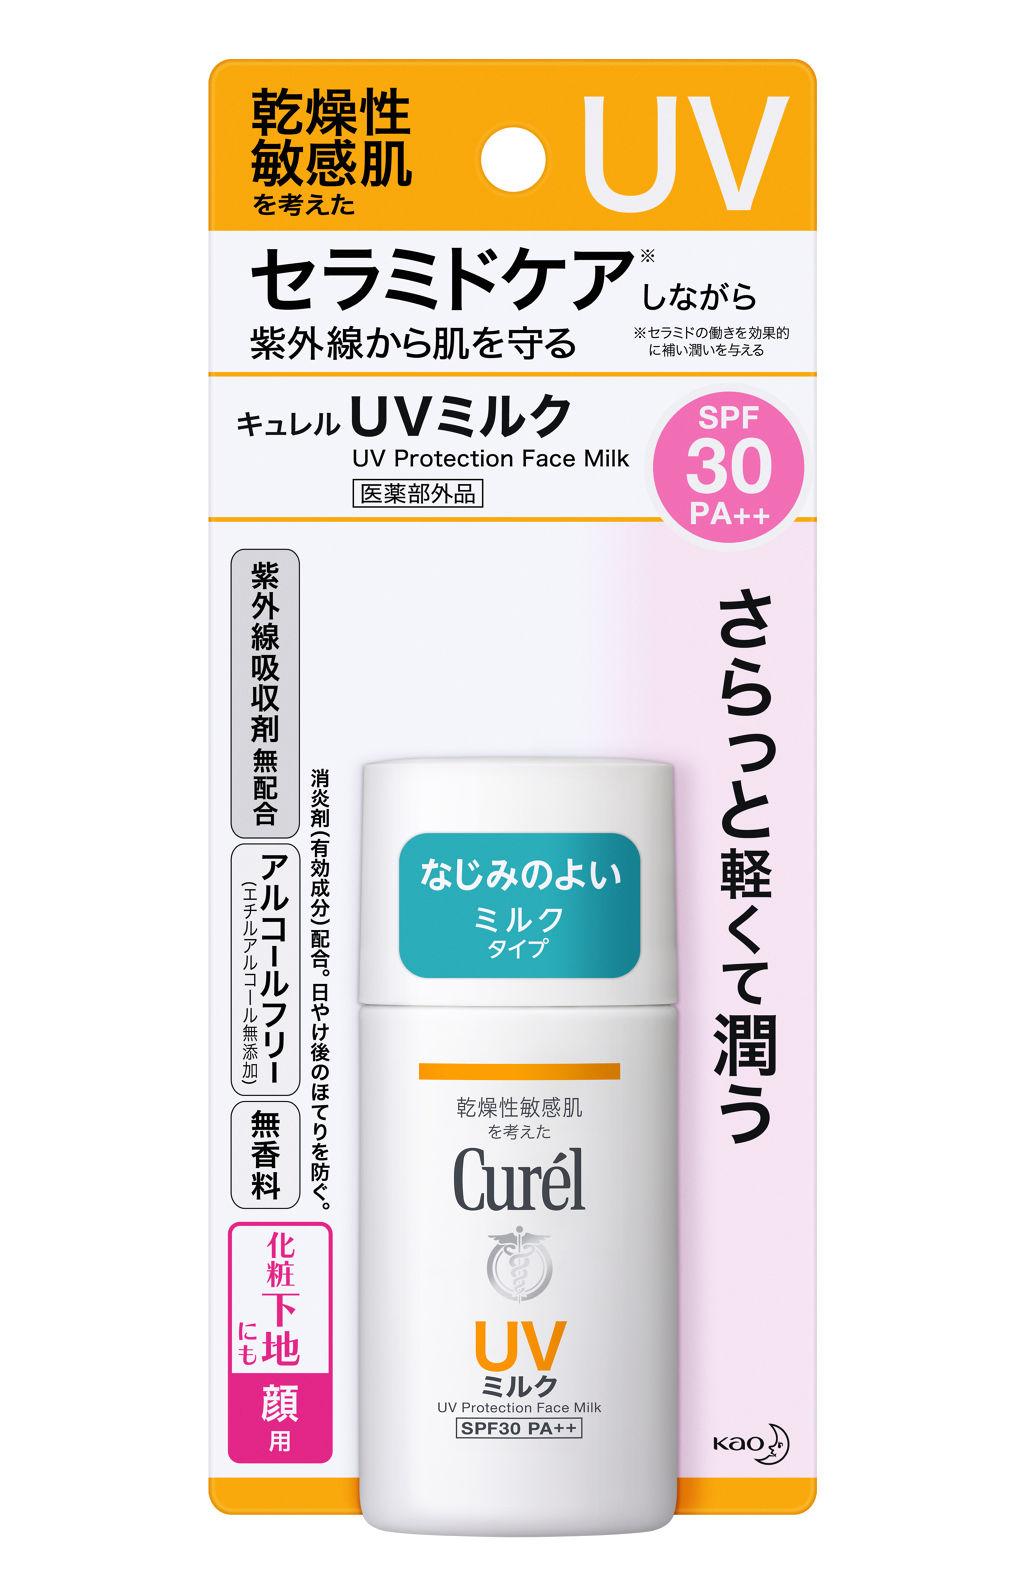 UVミルク Curel